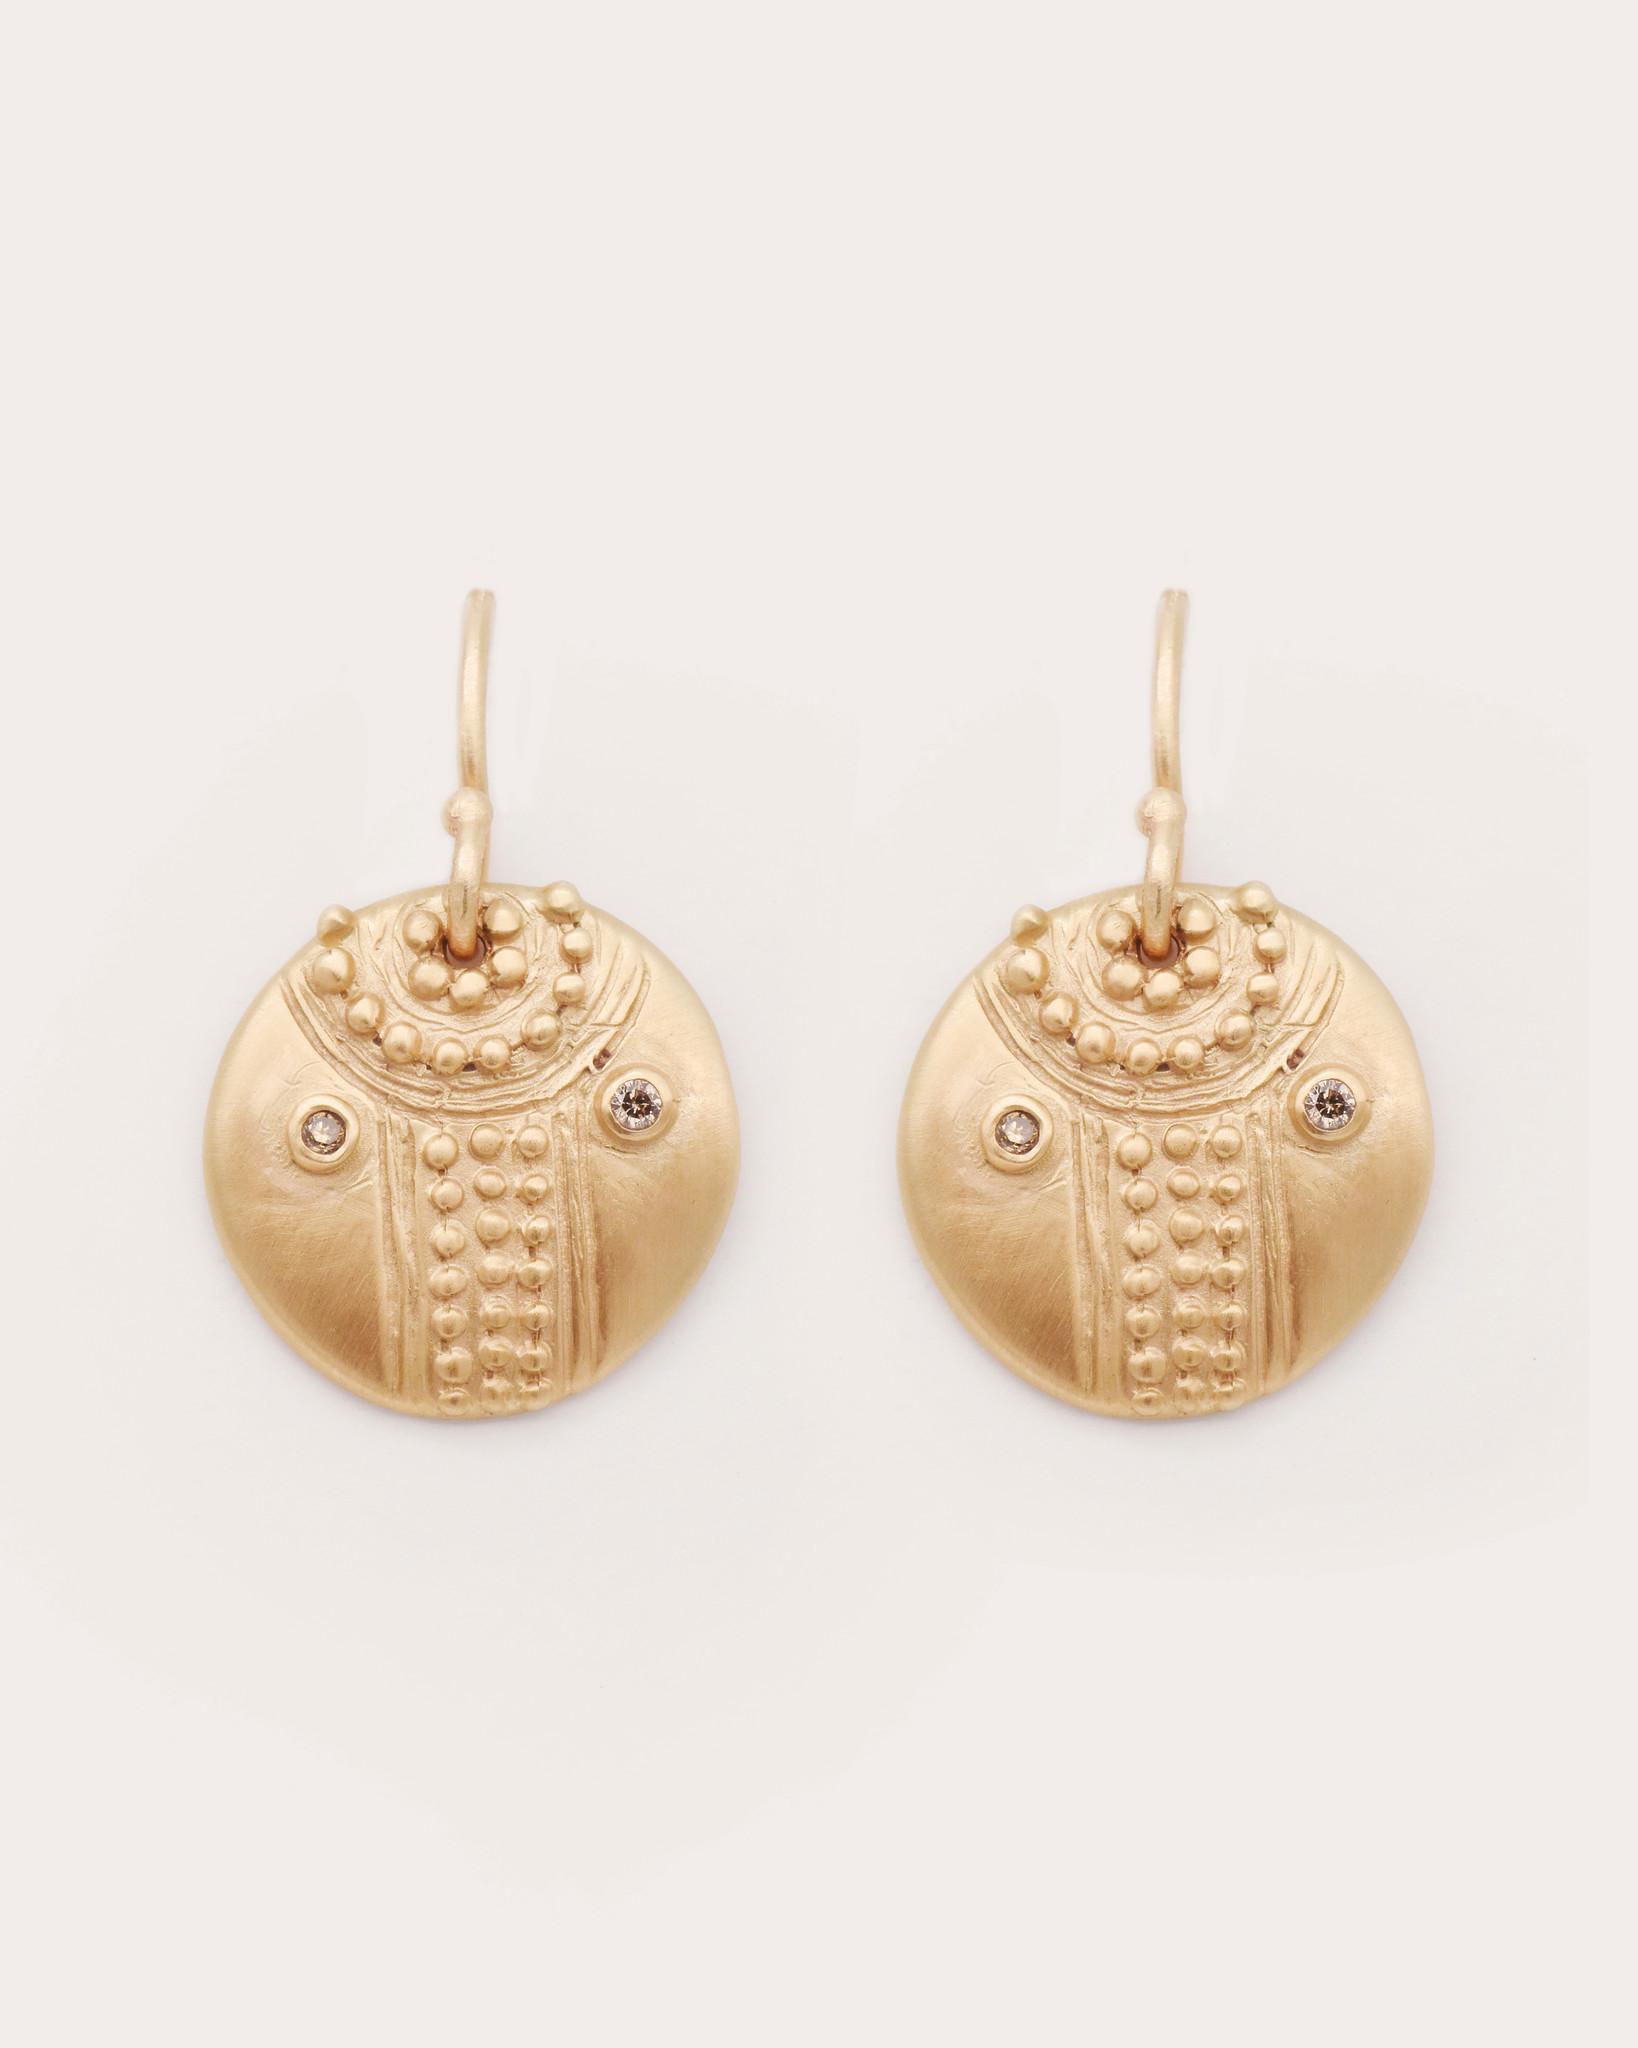 Lorak Small Shield Earrings